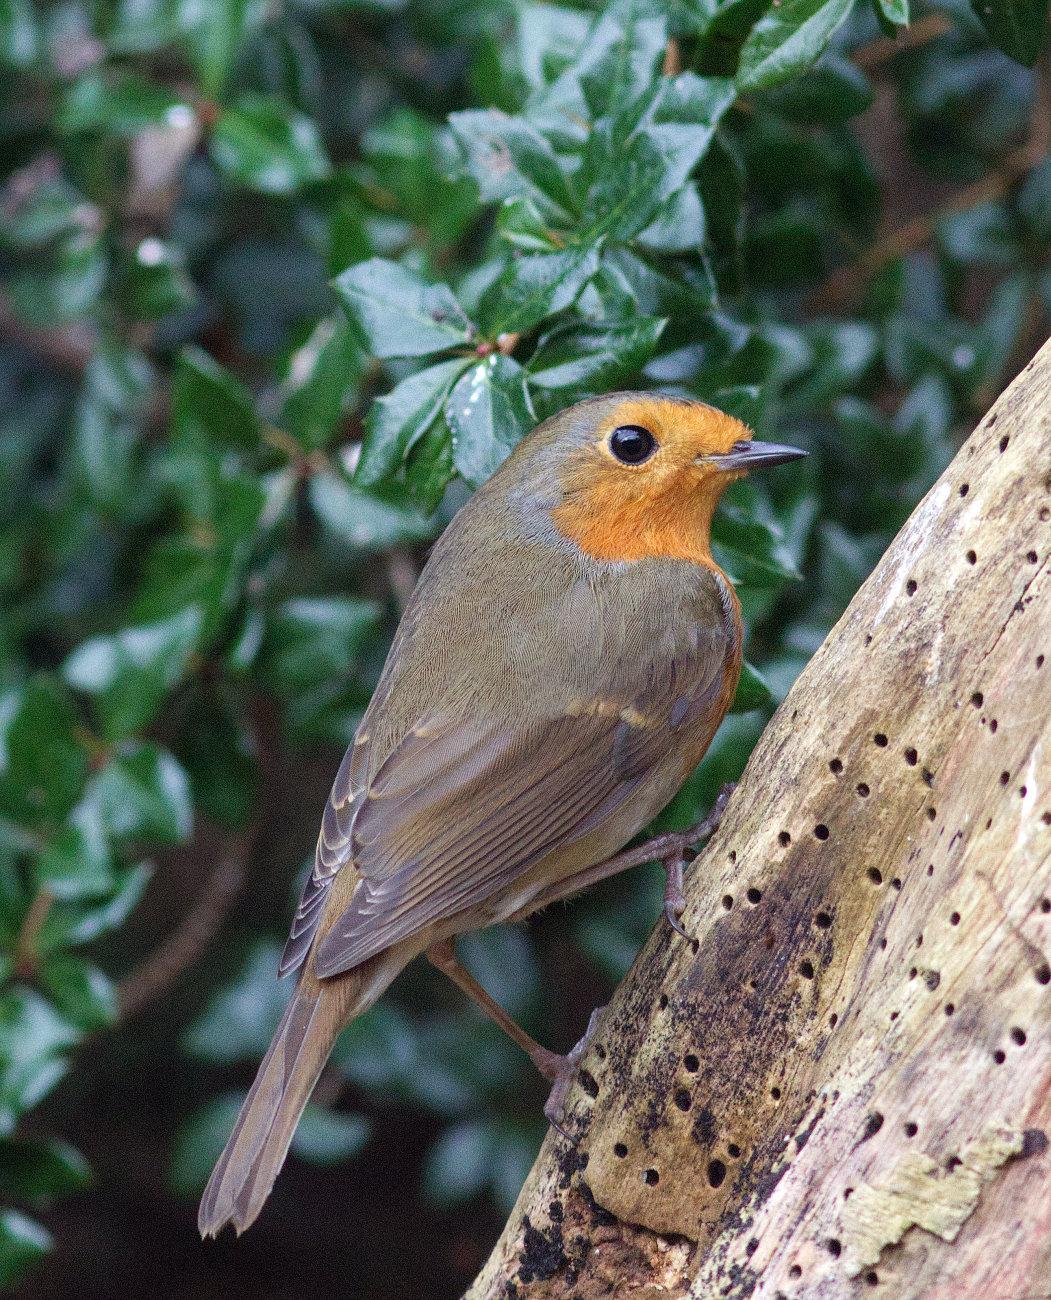 Resident robin